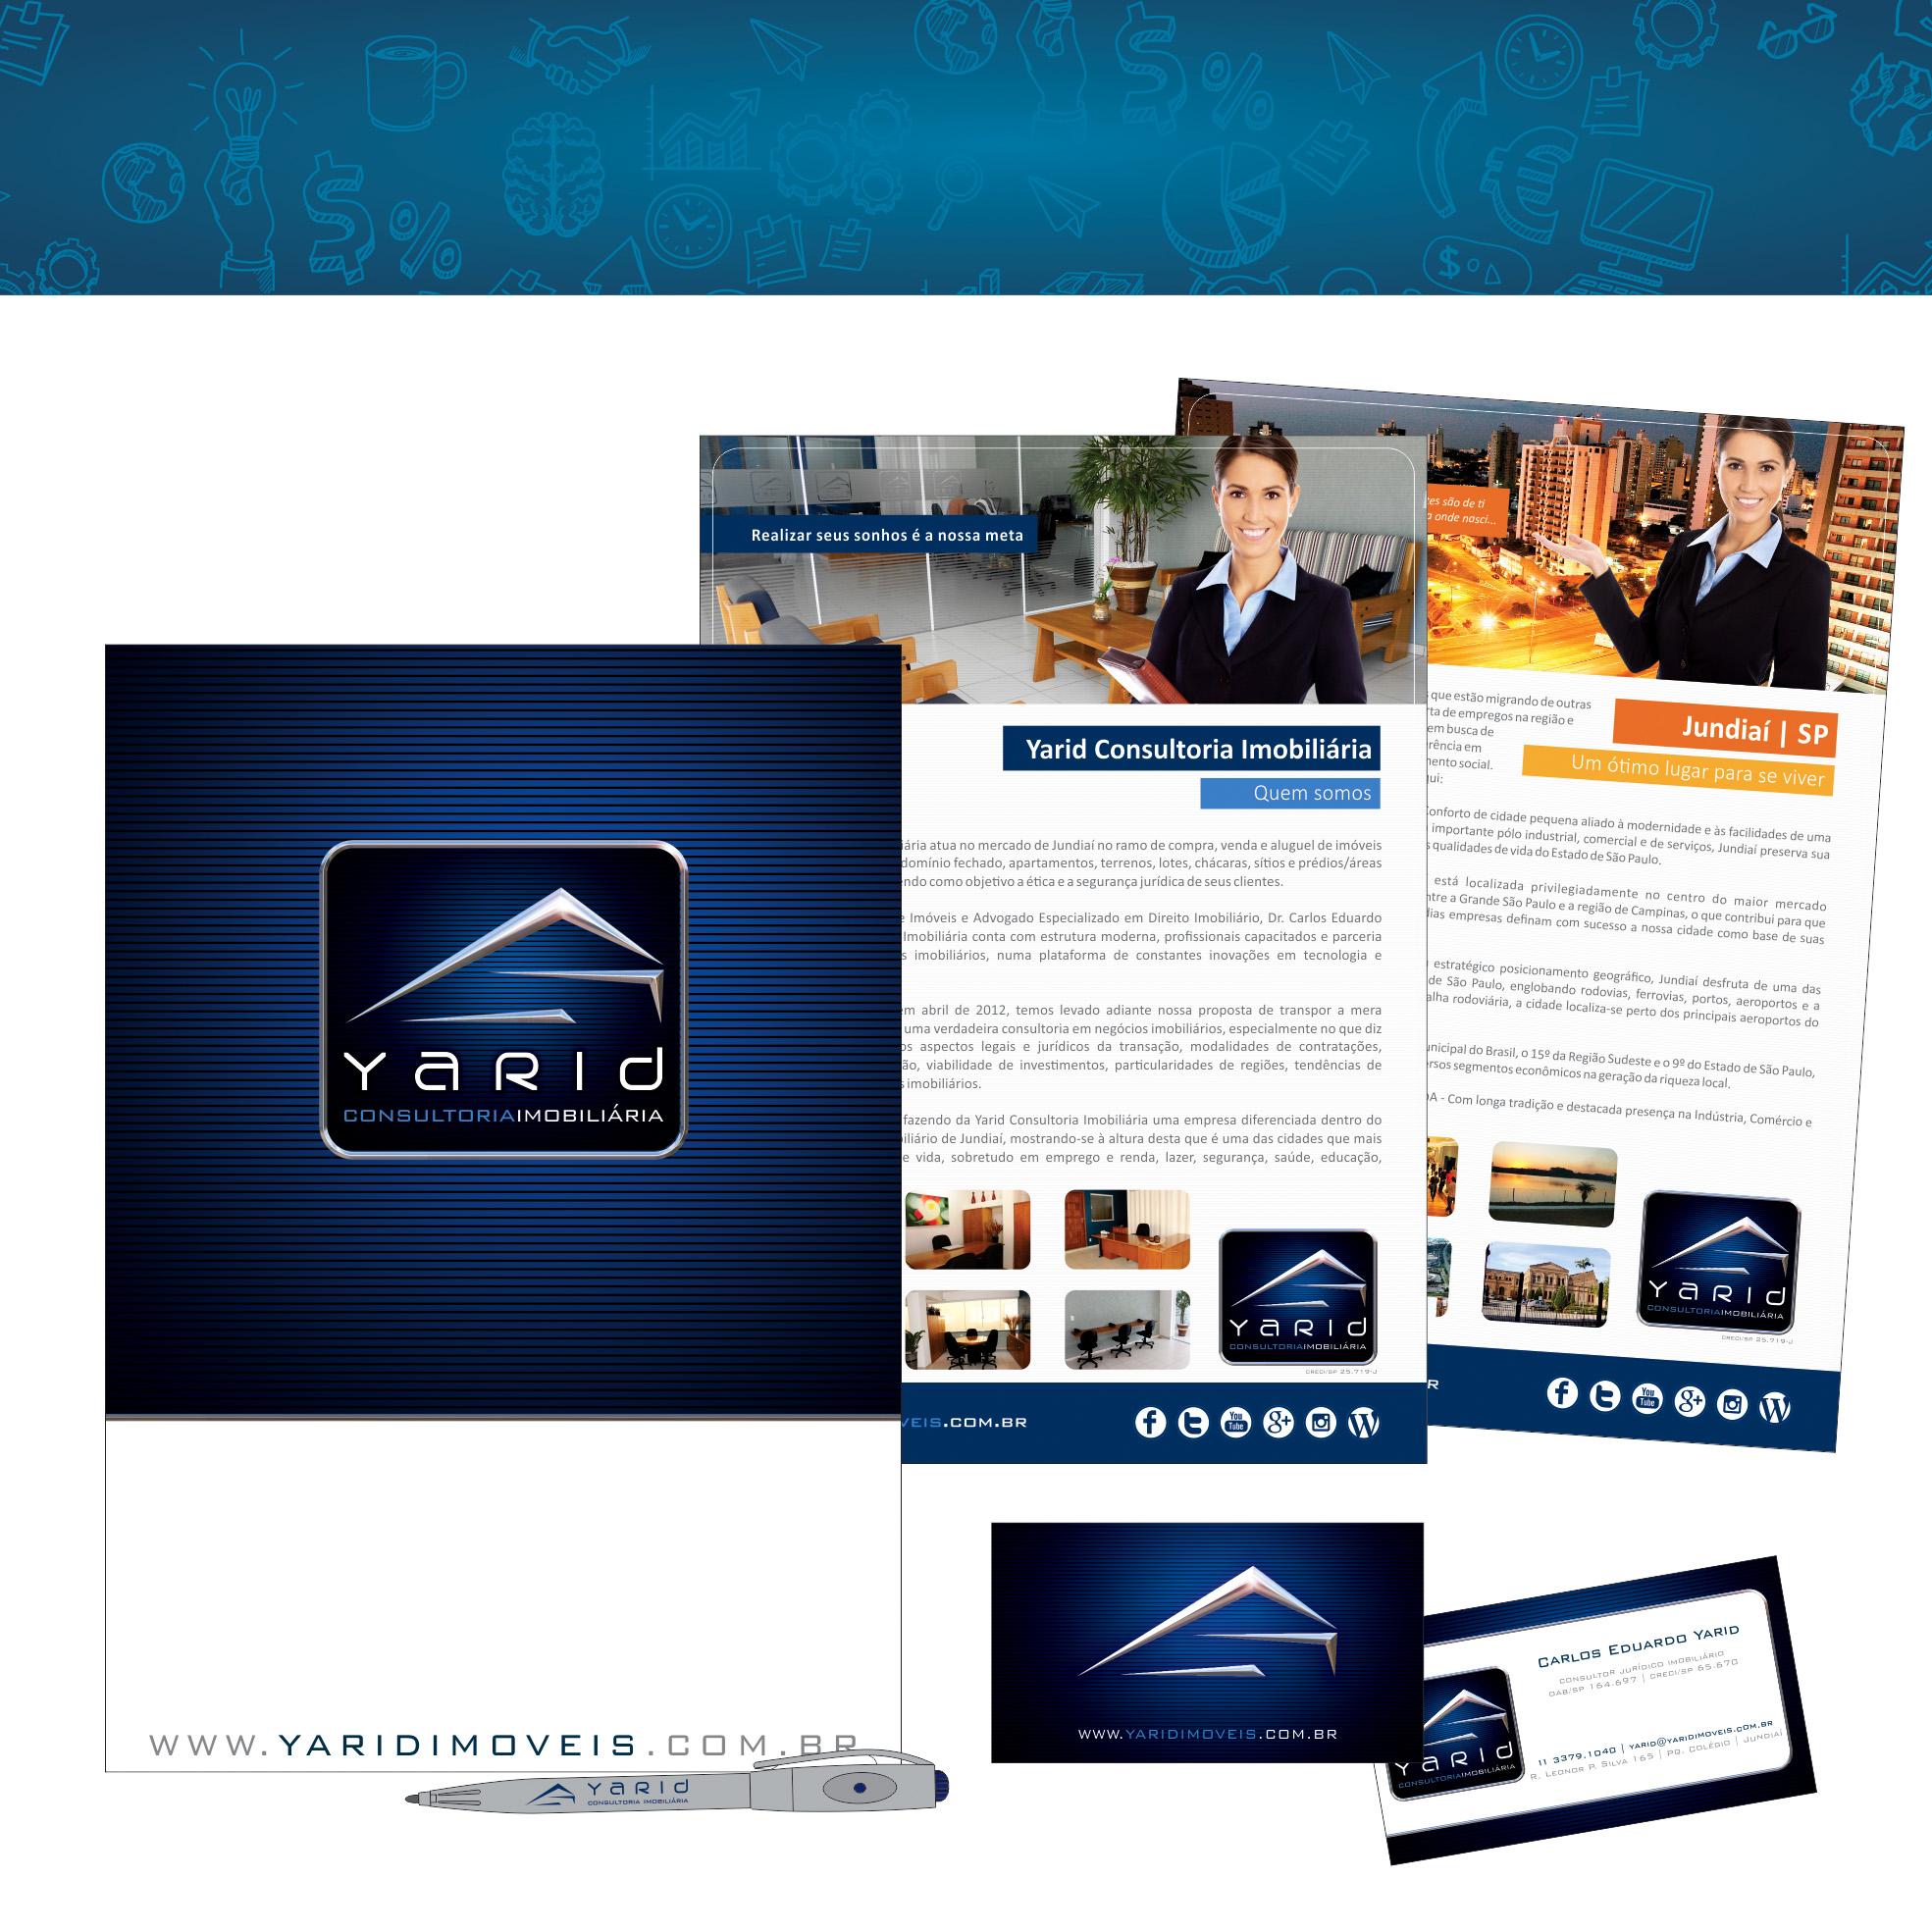 YARID CONSULTORIA IMOBILIÁRIA  |  Branding